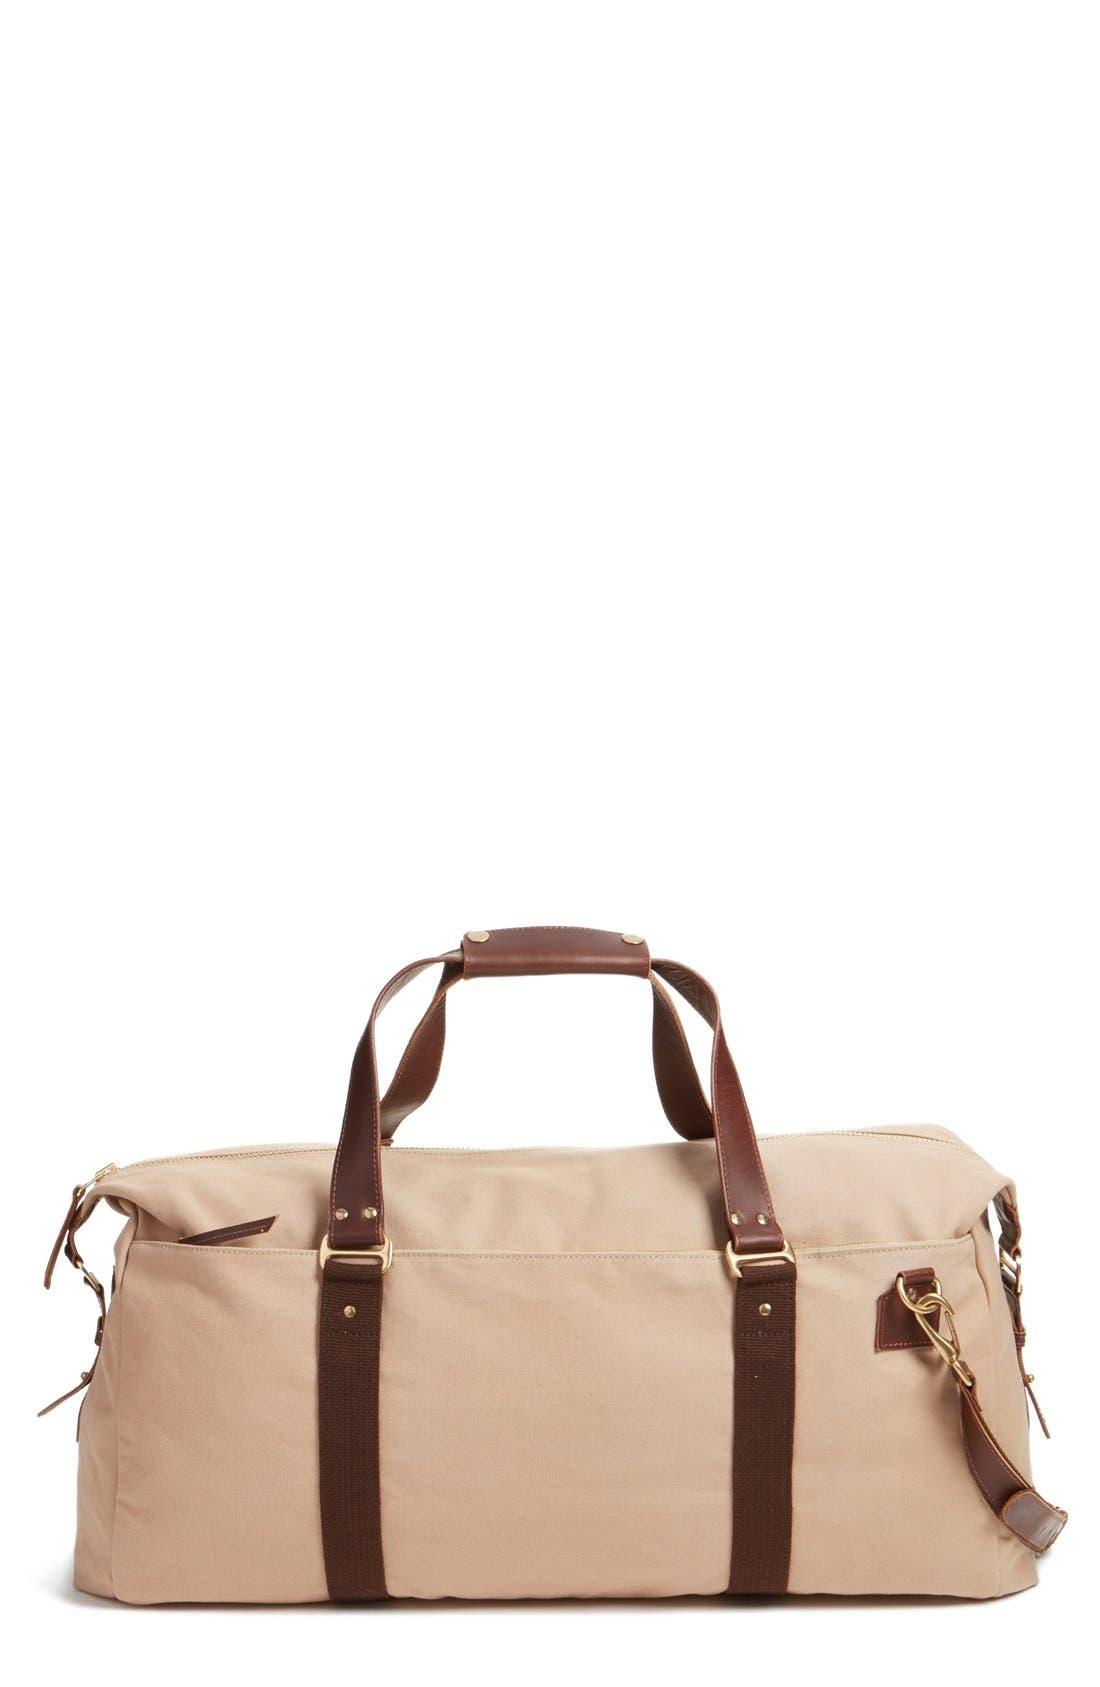 'Mt. Drew' Duffel Bag,                         Main,                         color, Tan